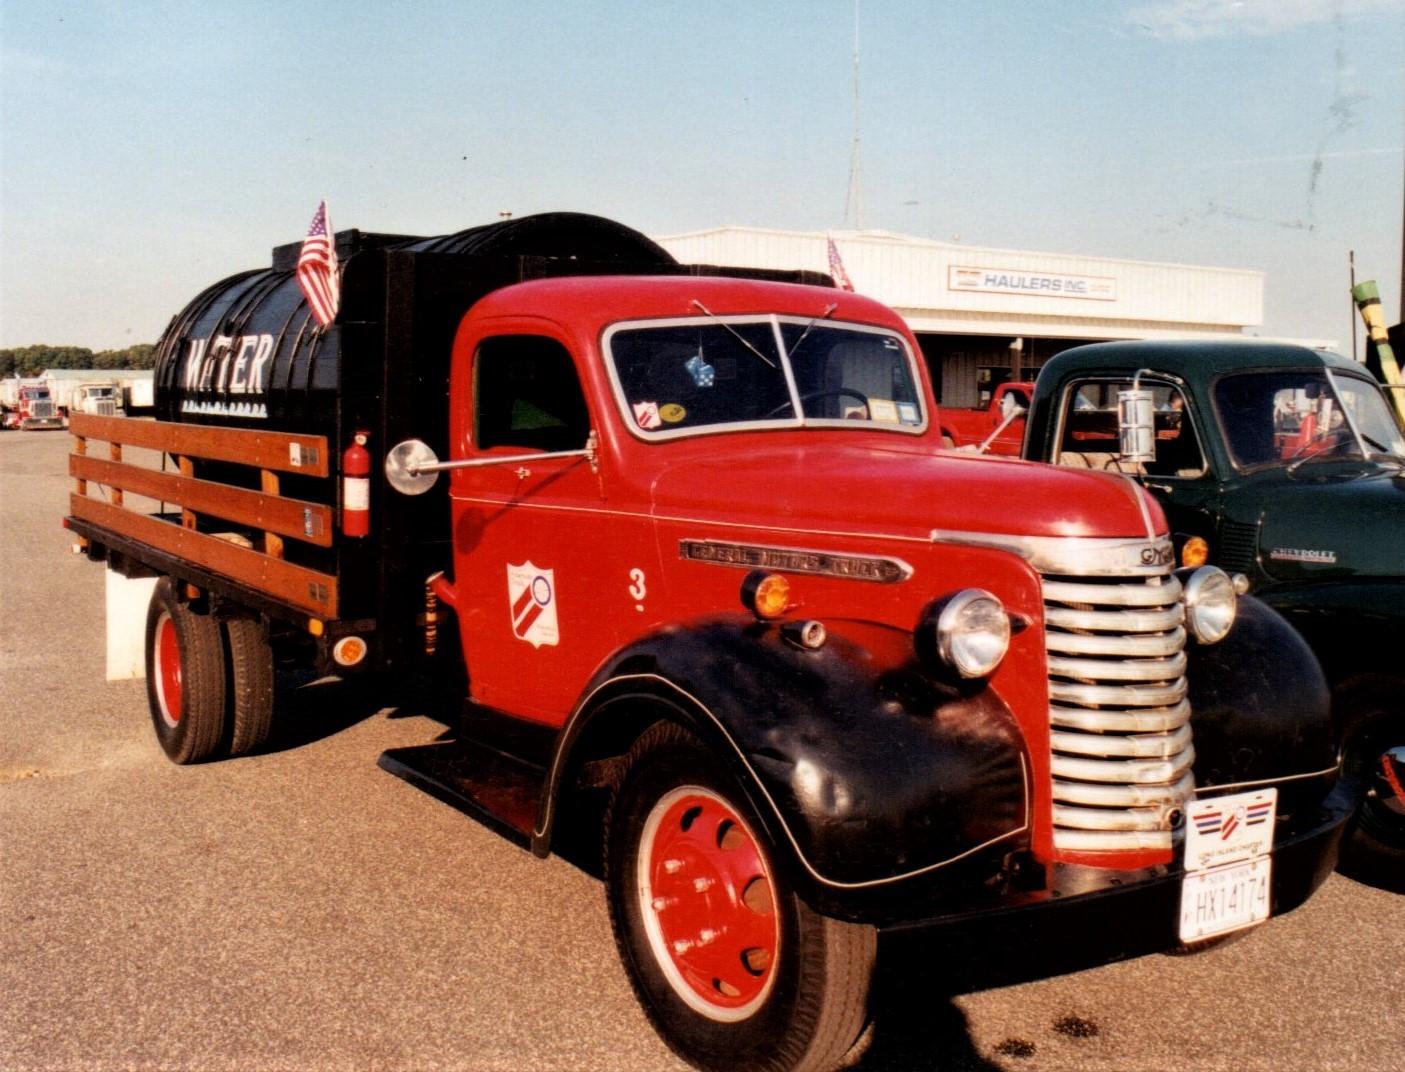 Denis Ryan's 1940 GMC water truck